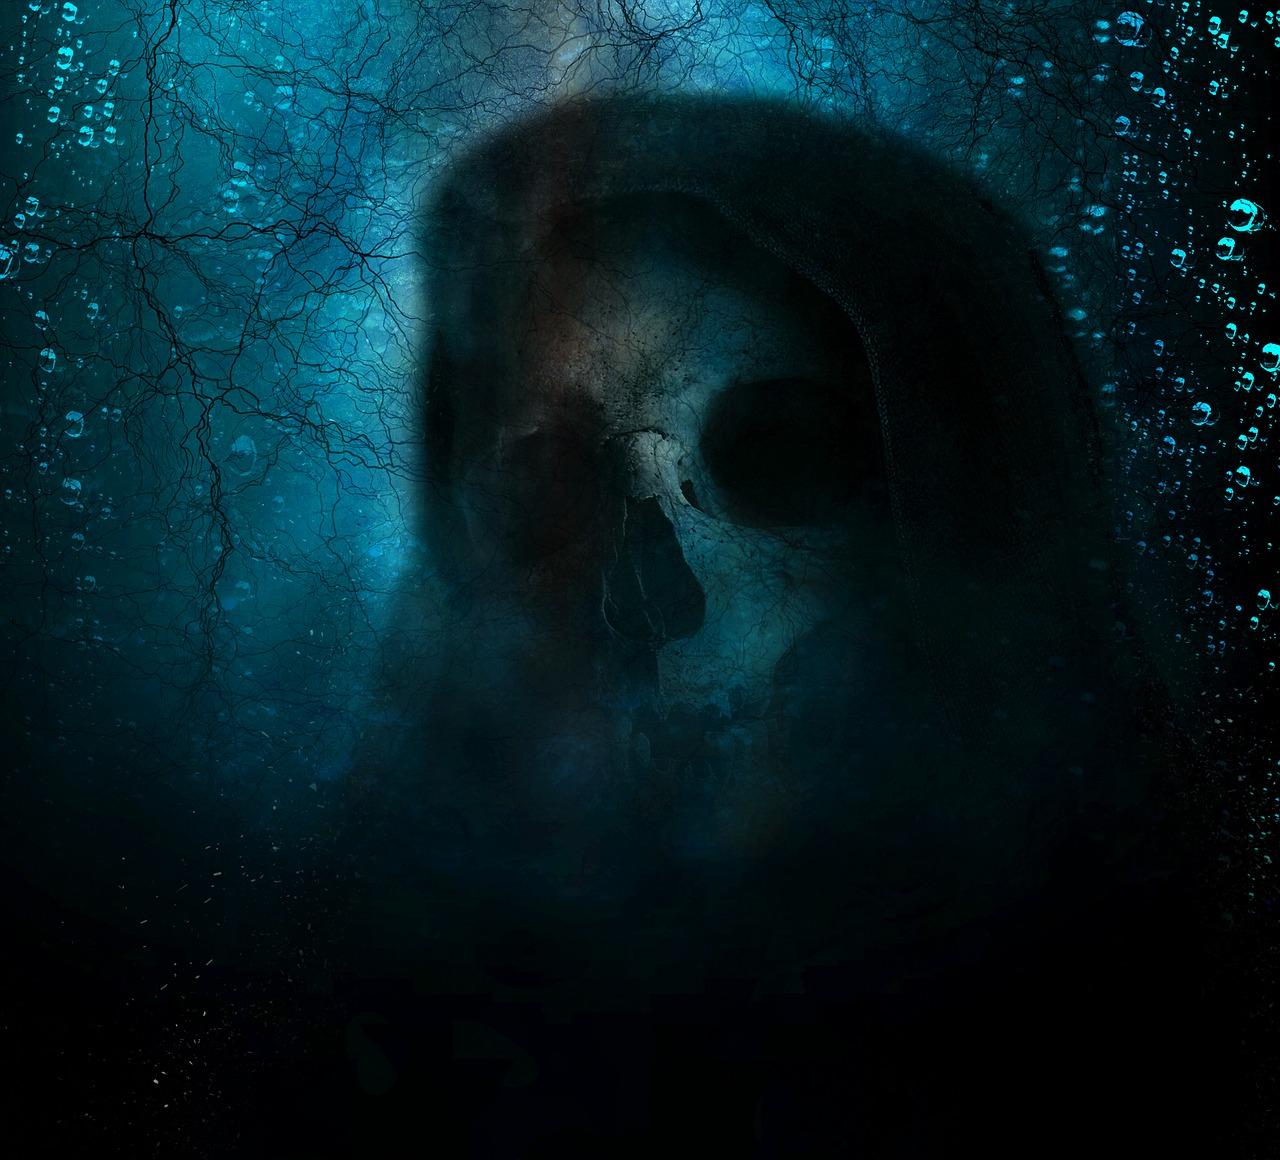 Grim Reaper https://pixabay.com/en/grim-reaper-horror-death-spooky-3058165/